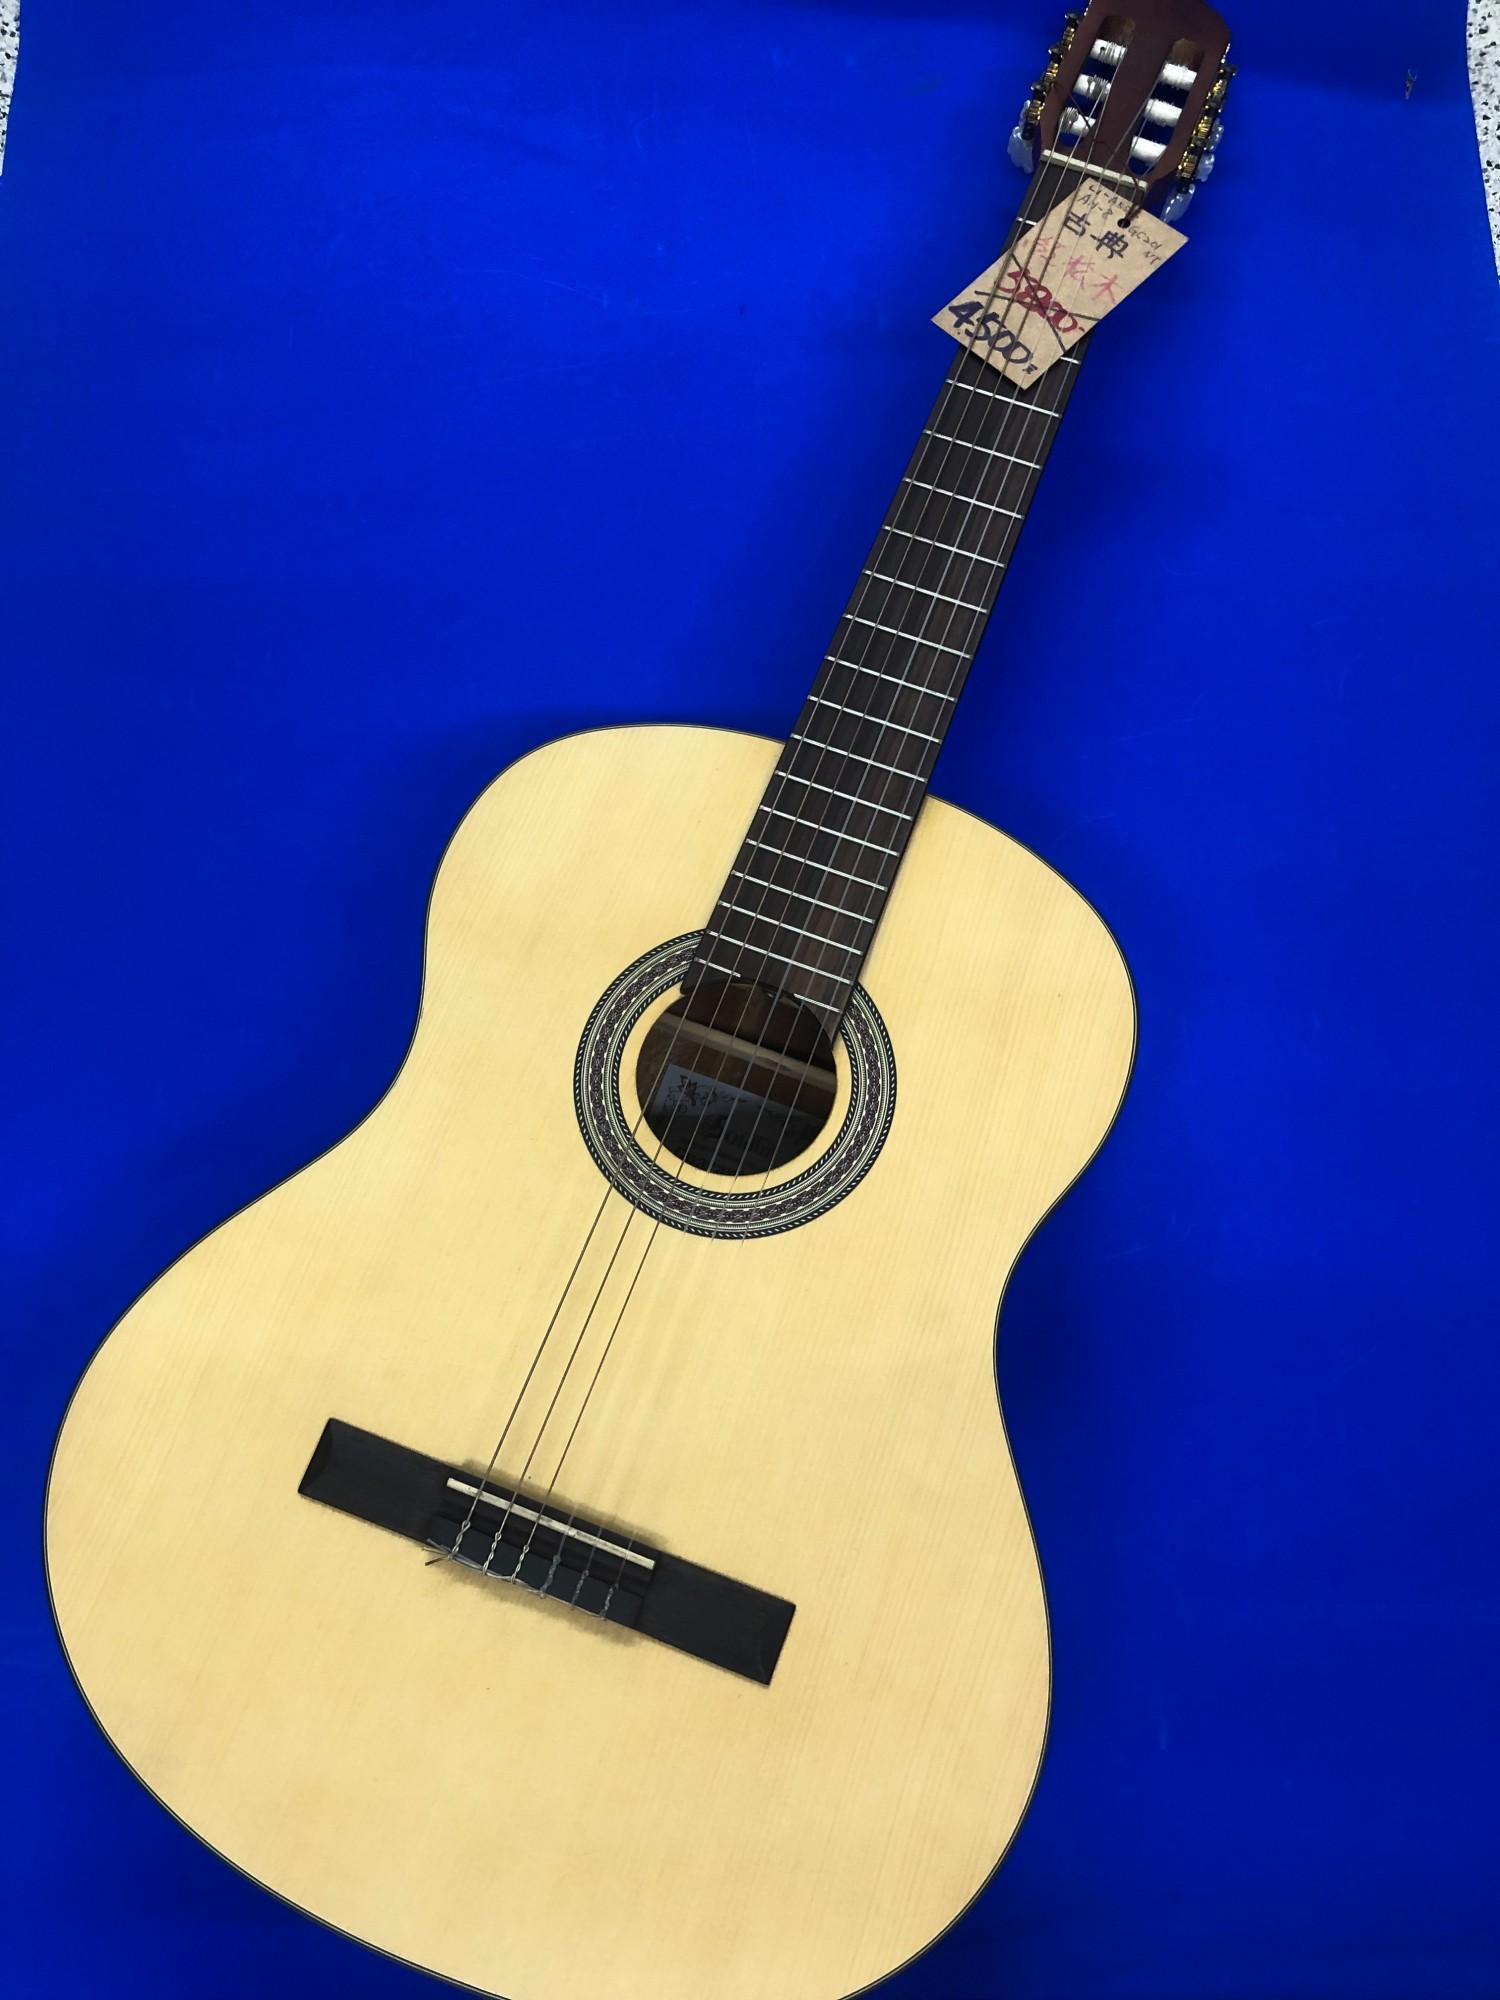 古典吉他  紅杉木  特價中  全省免運  感謝各大媒體爭鋒採訪